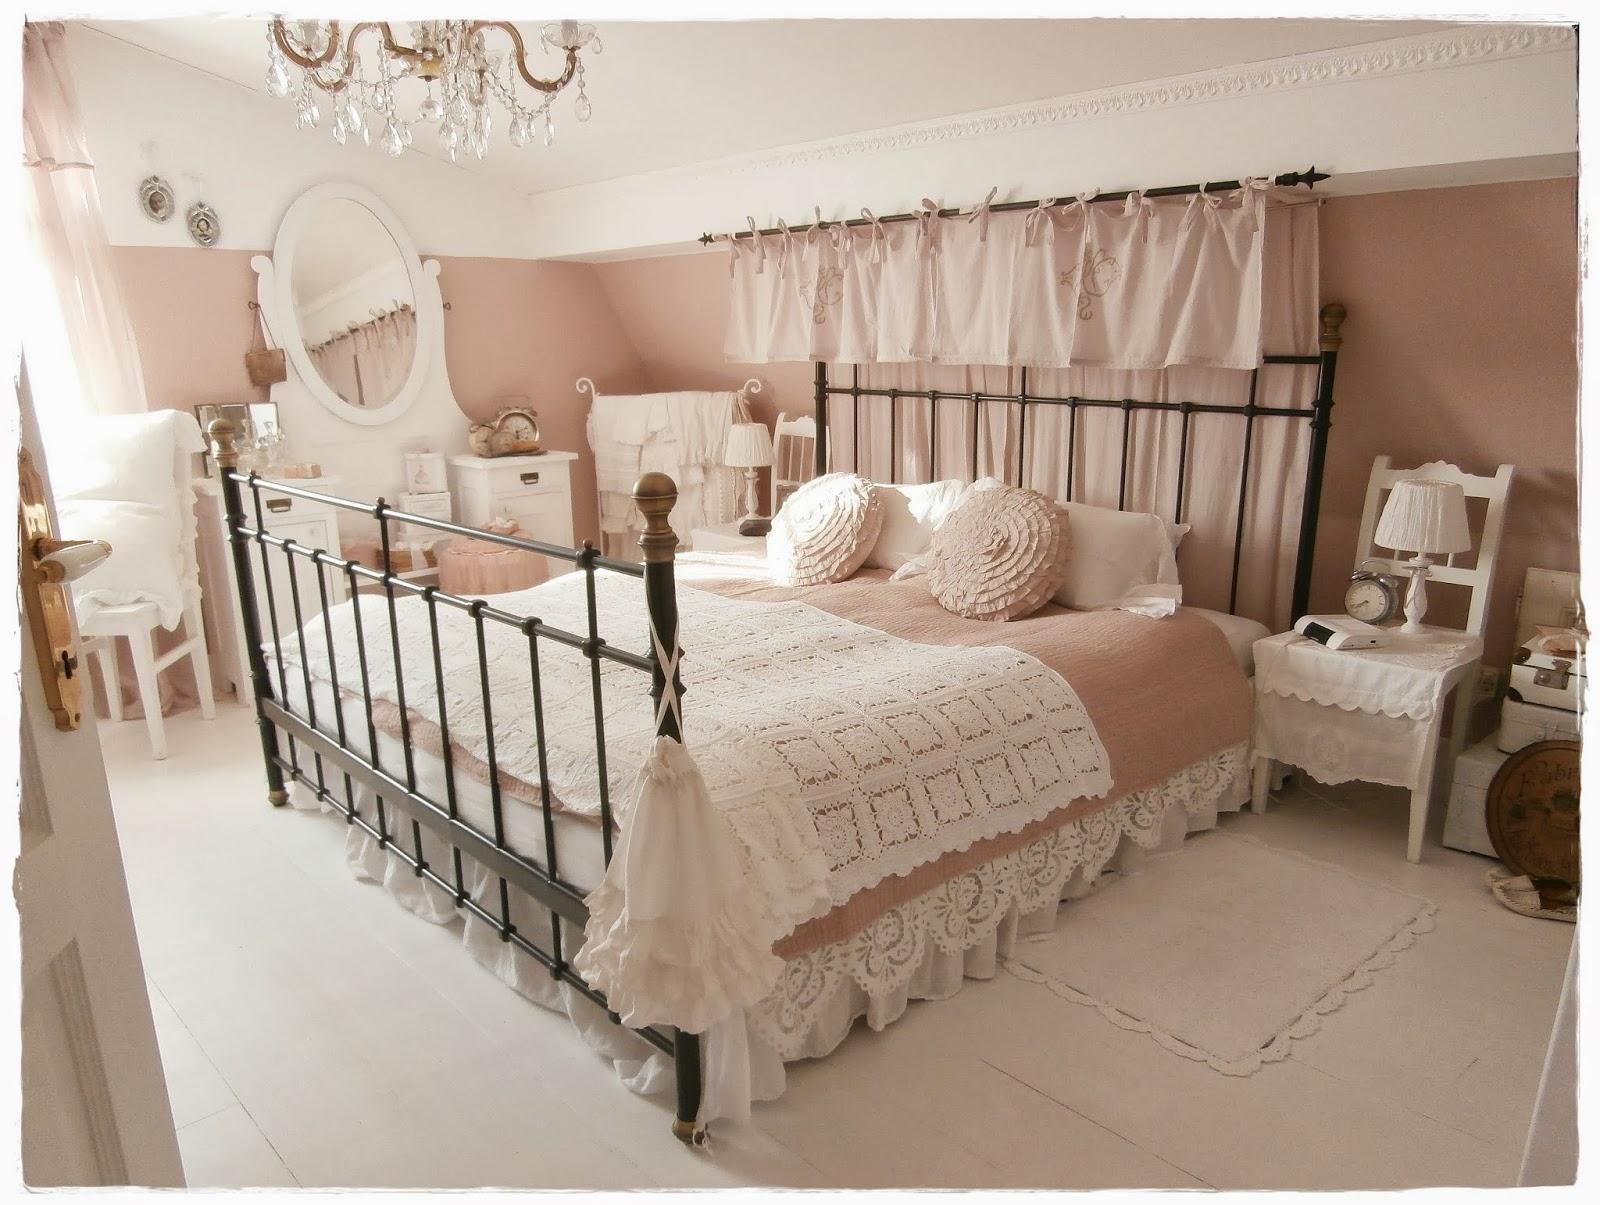 funvit | wohnzimmer schwarz weiß, Schlafzimmer entwurf